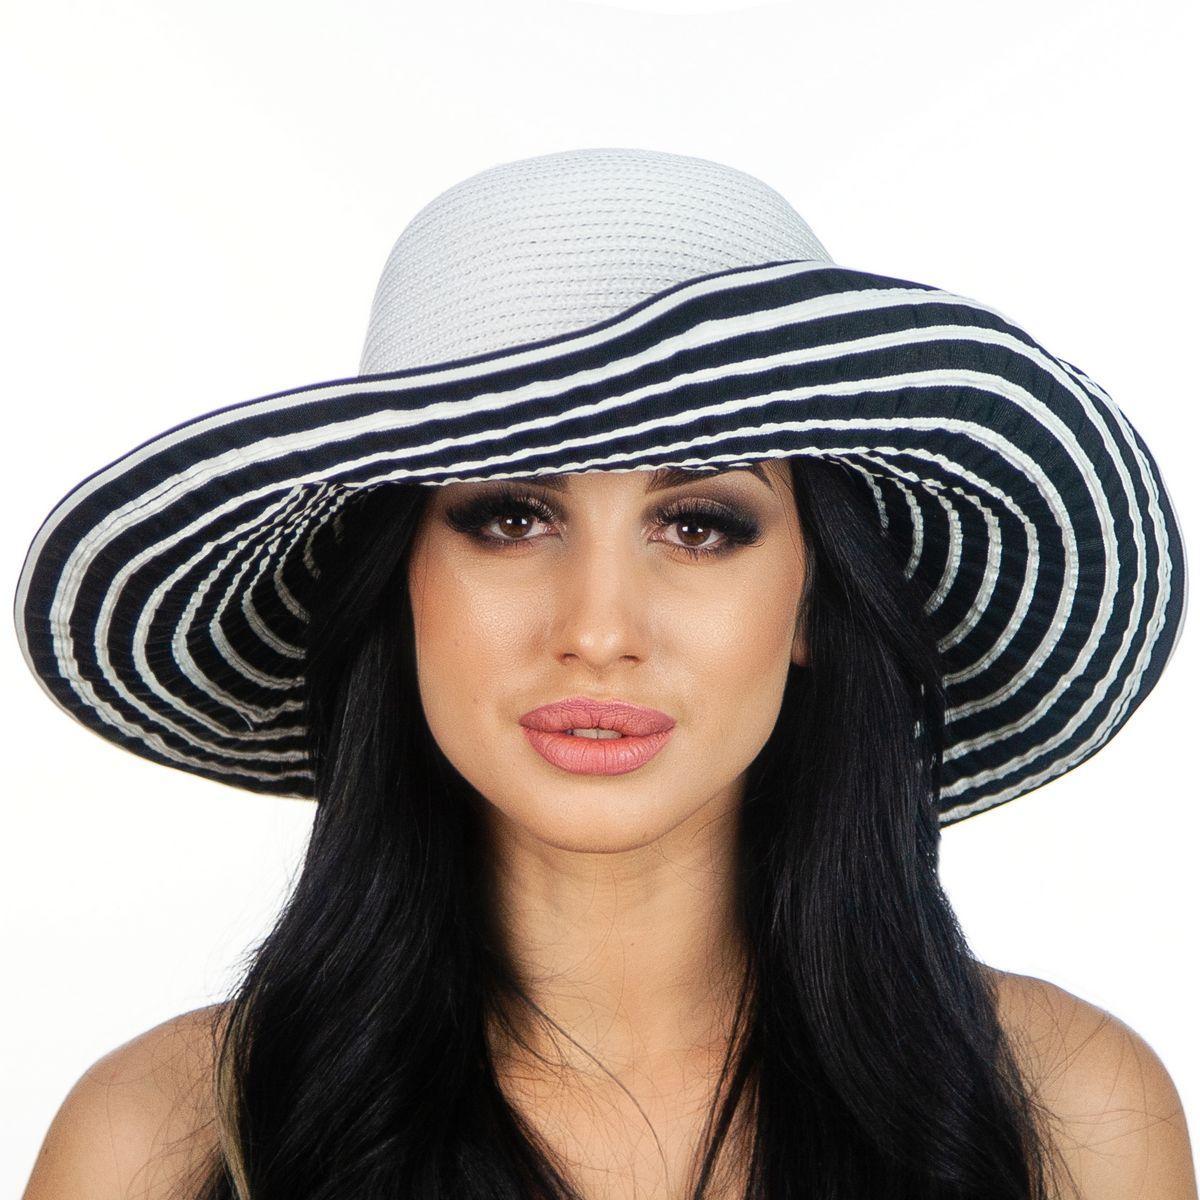 Женская шляпа  ширина поля 14 см тулья белая поля в полоску